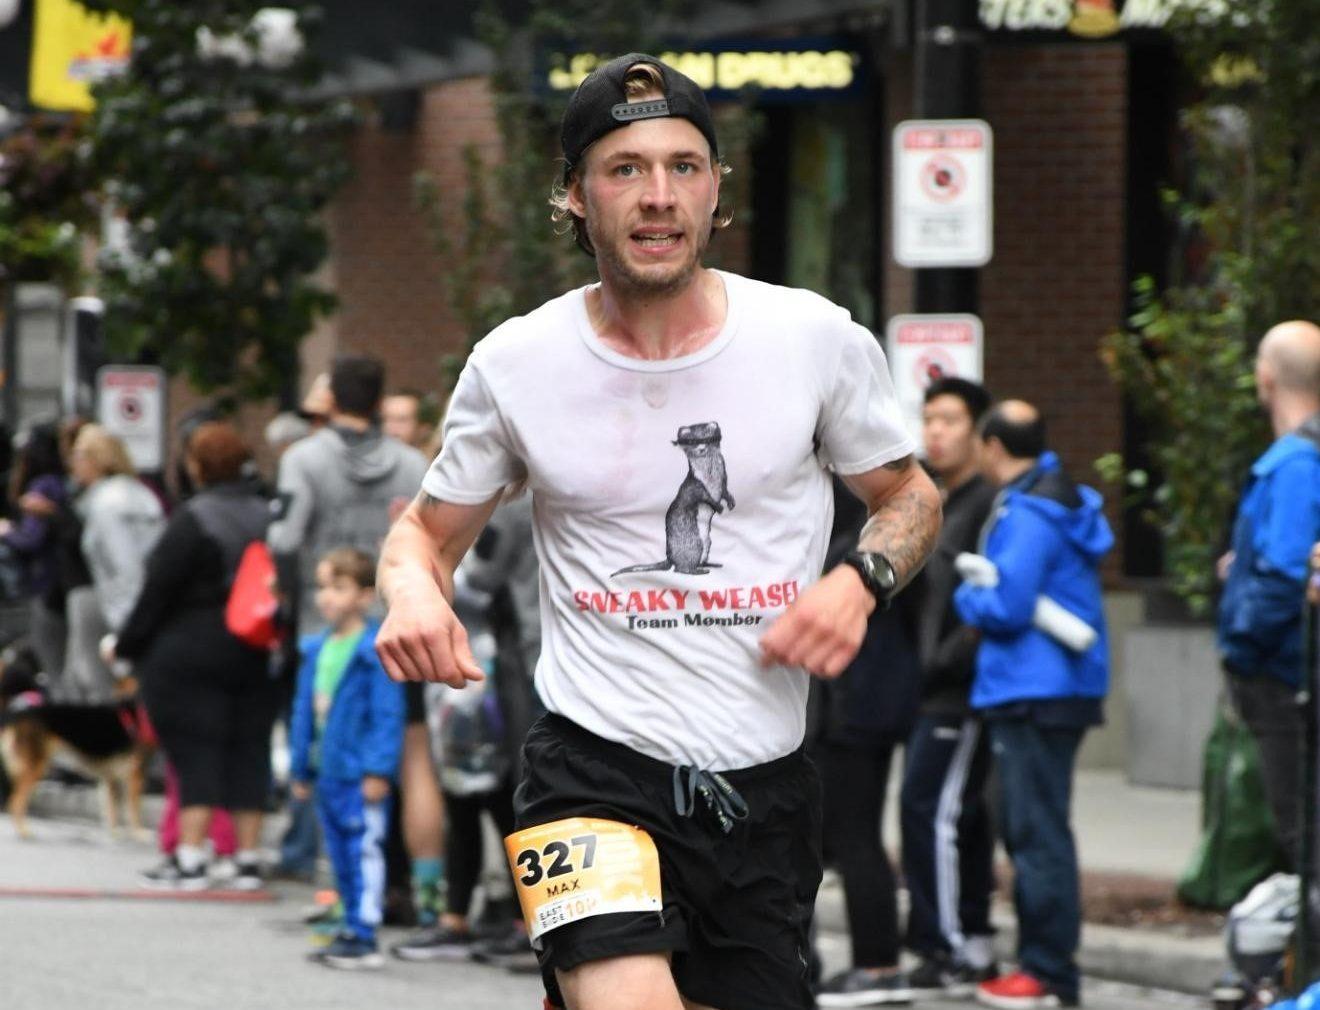 200 km en course à pied, par Maxime Brassard